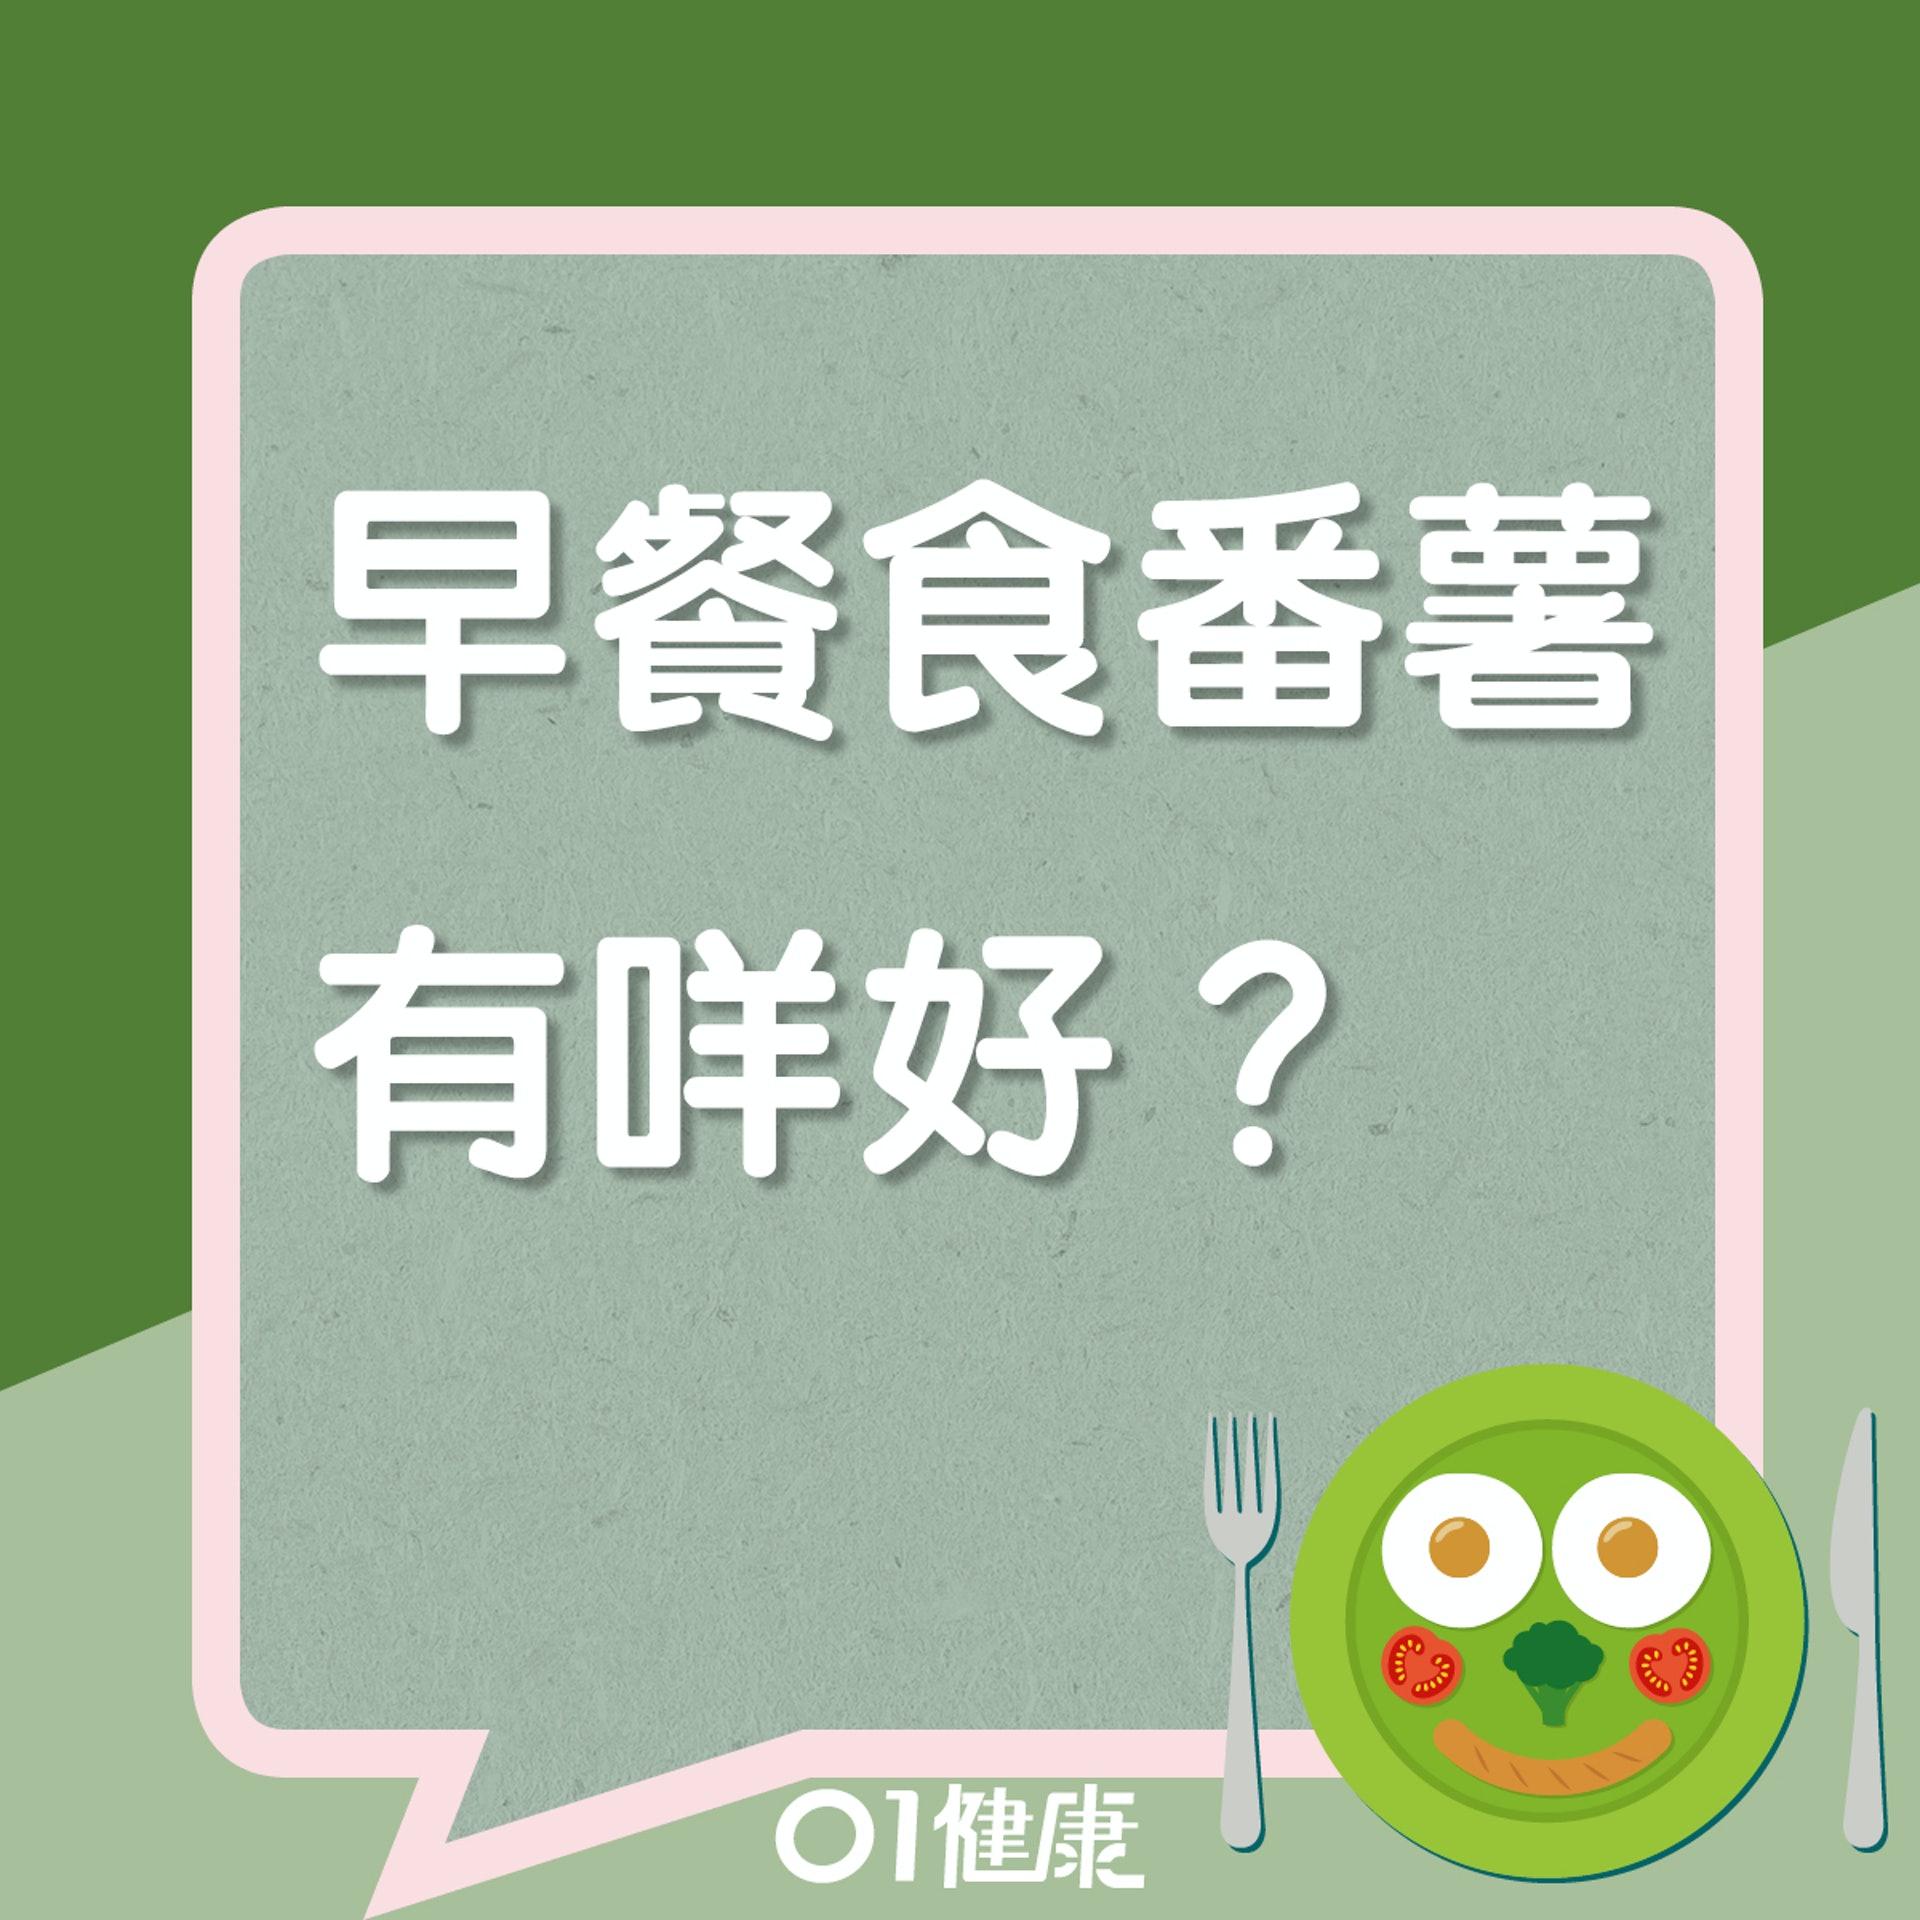 食番薯做早餐有什麼好處?(01製圖)